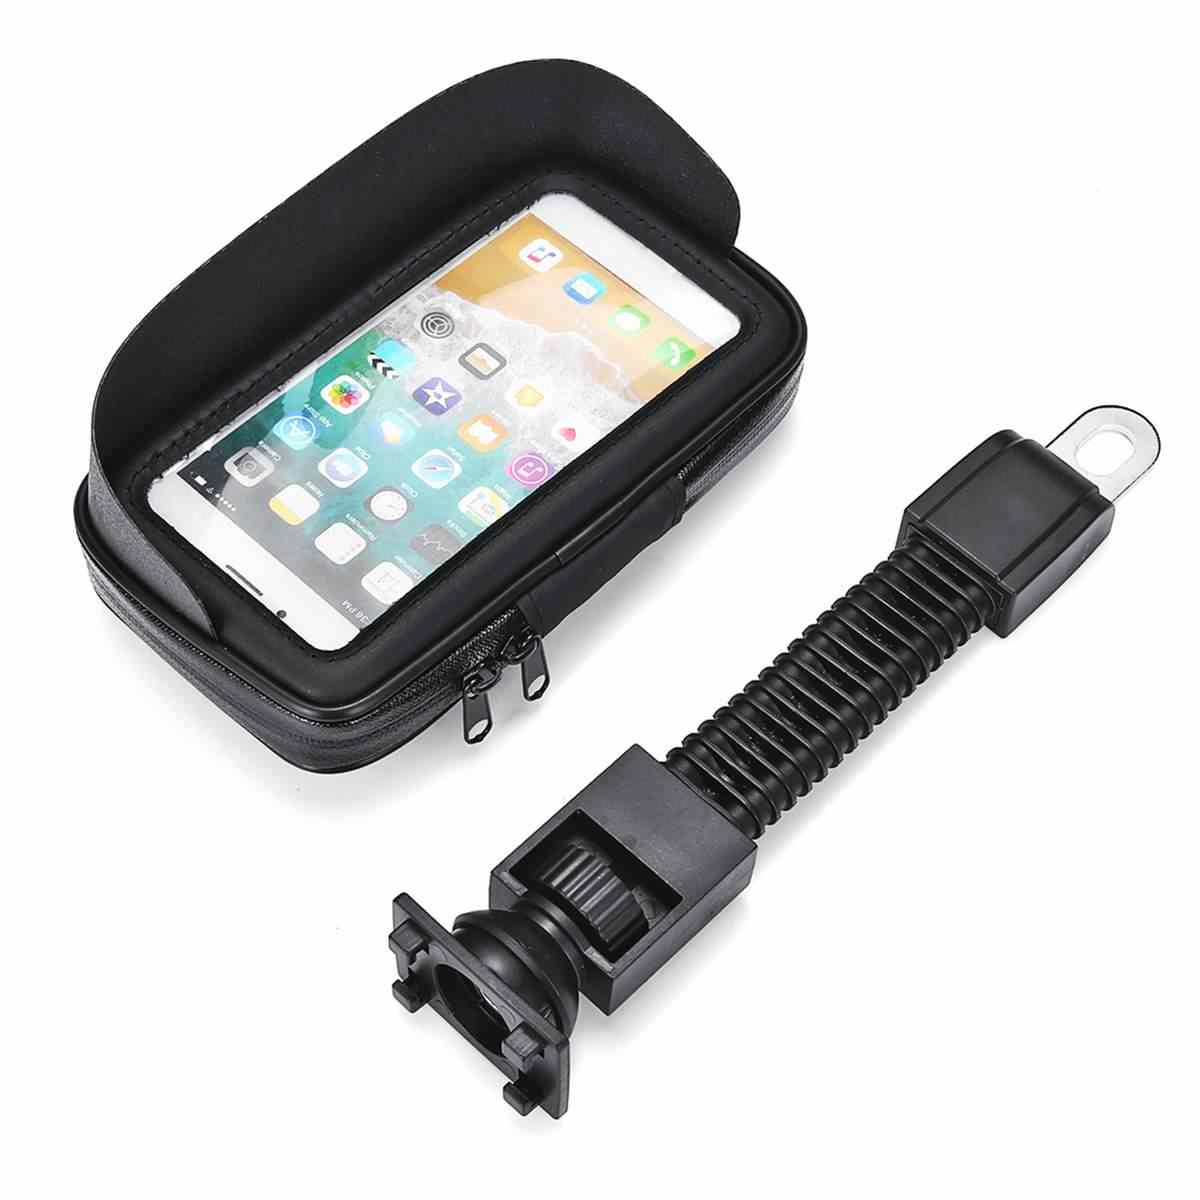 オートバイ、自転車、携帯携帯電話ホルダースタンド Iphone 5 5 S 6 サムスン S7 GPS バイクホルダー防水ケースバッグ